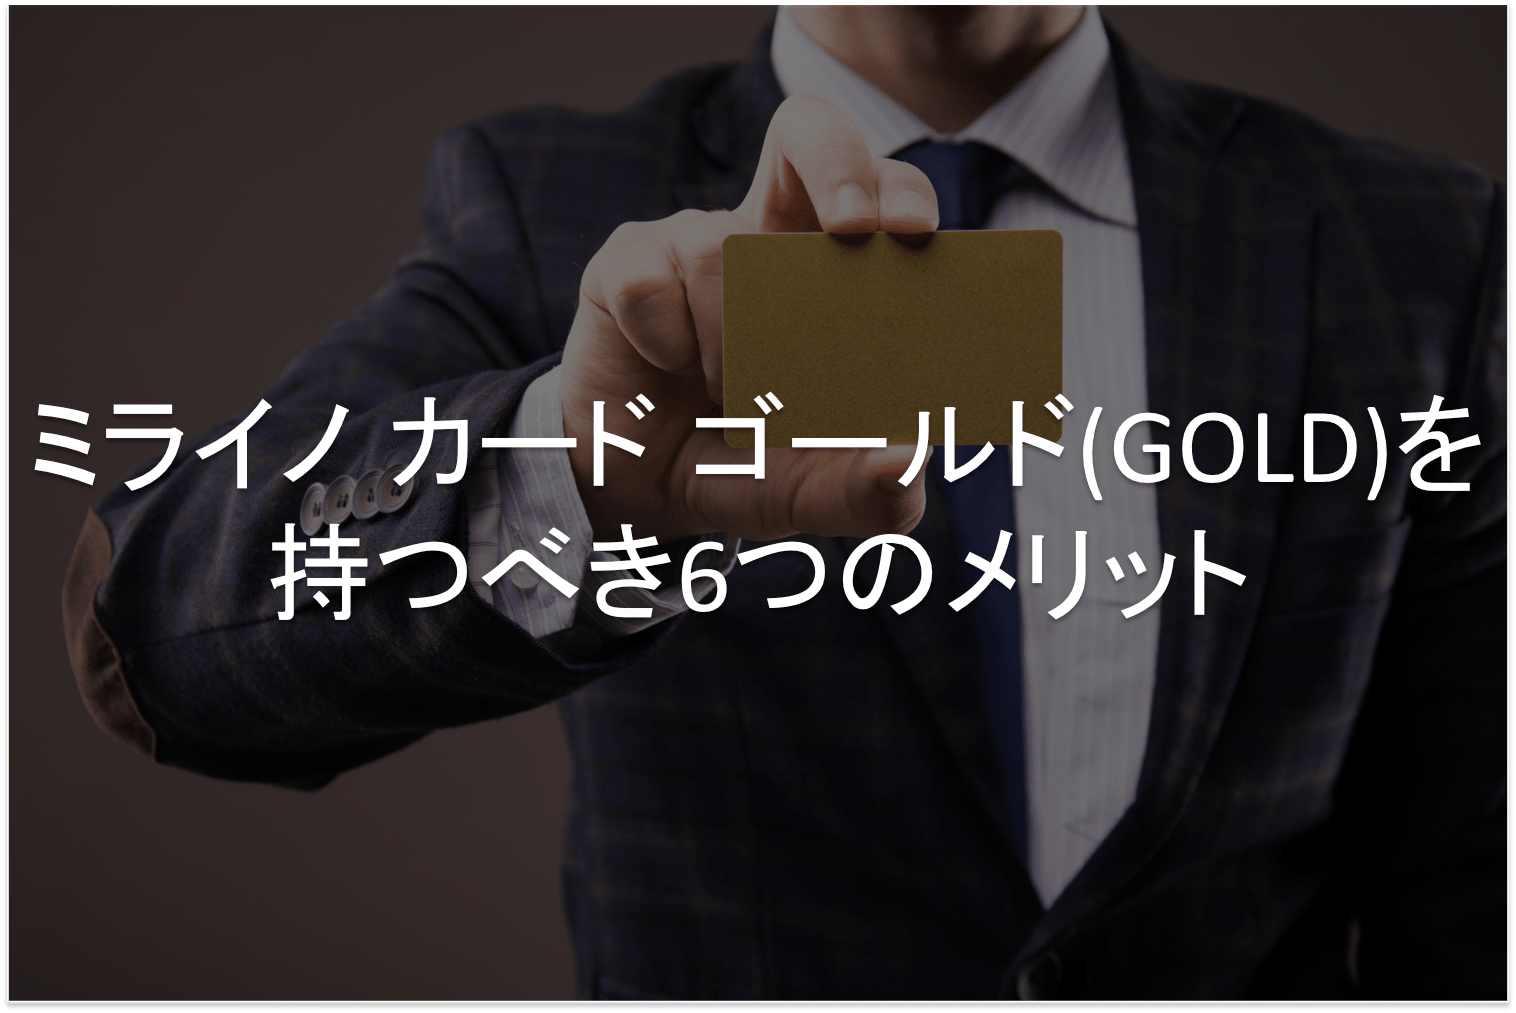 ミライノ カード ゴールド メリット